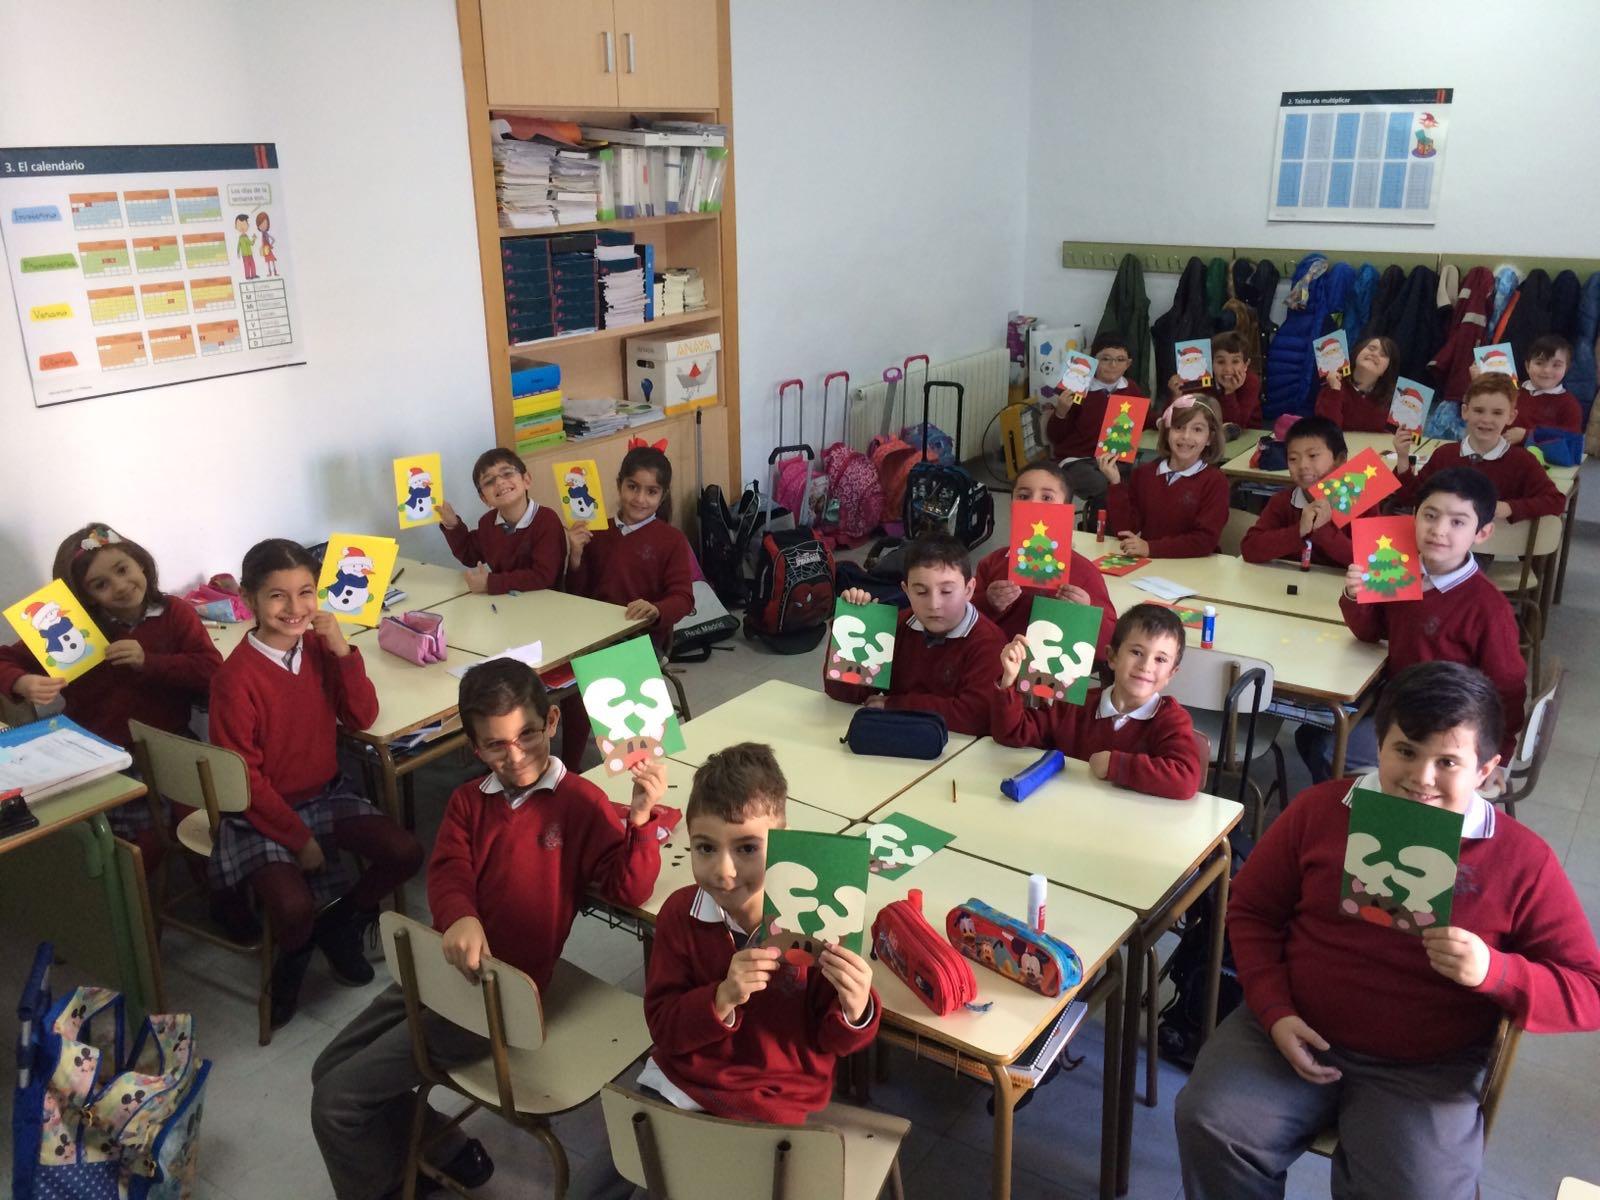 Nuevo proyecto europeo eTwinning en el colegio Don Cristóbal de Manzanares